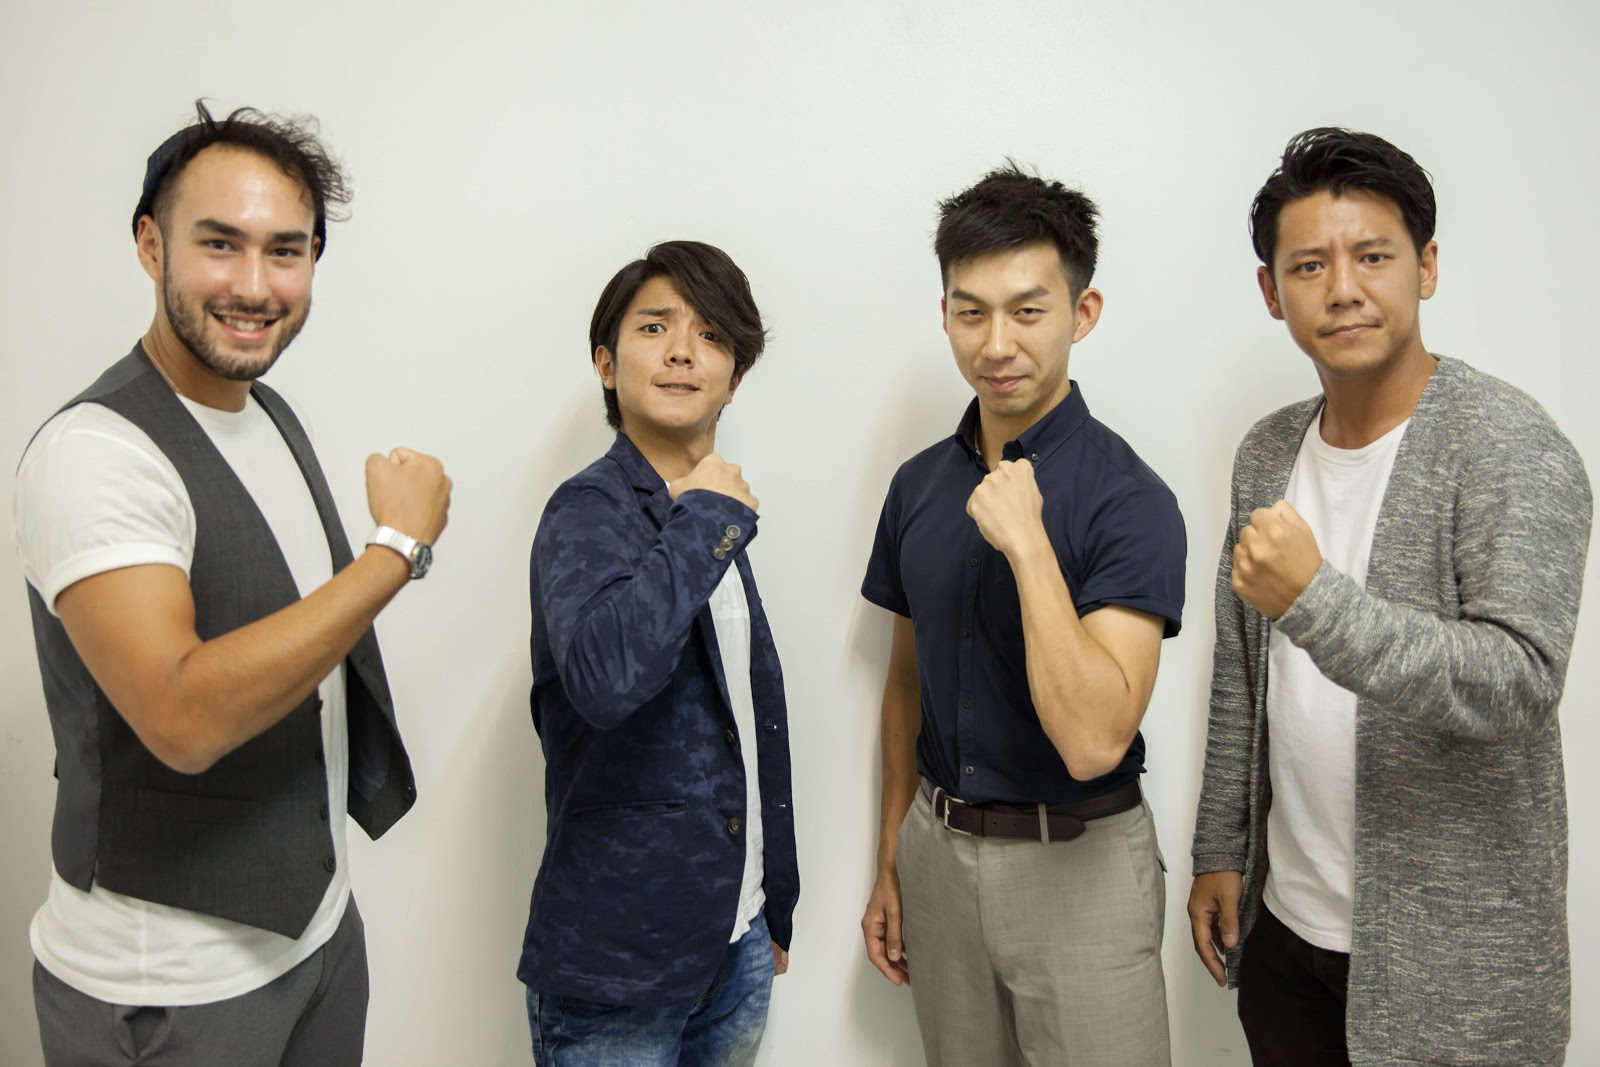 日本人社員 日本語能力試験